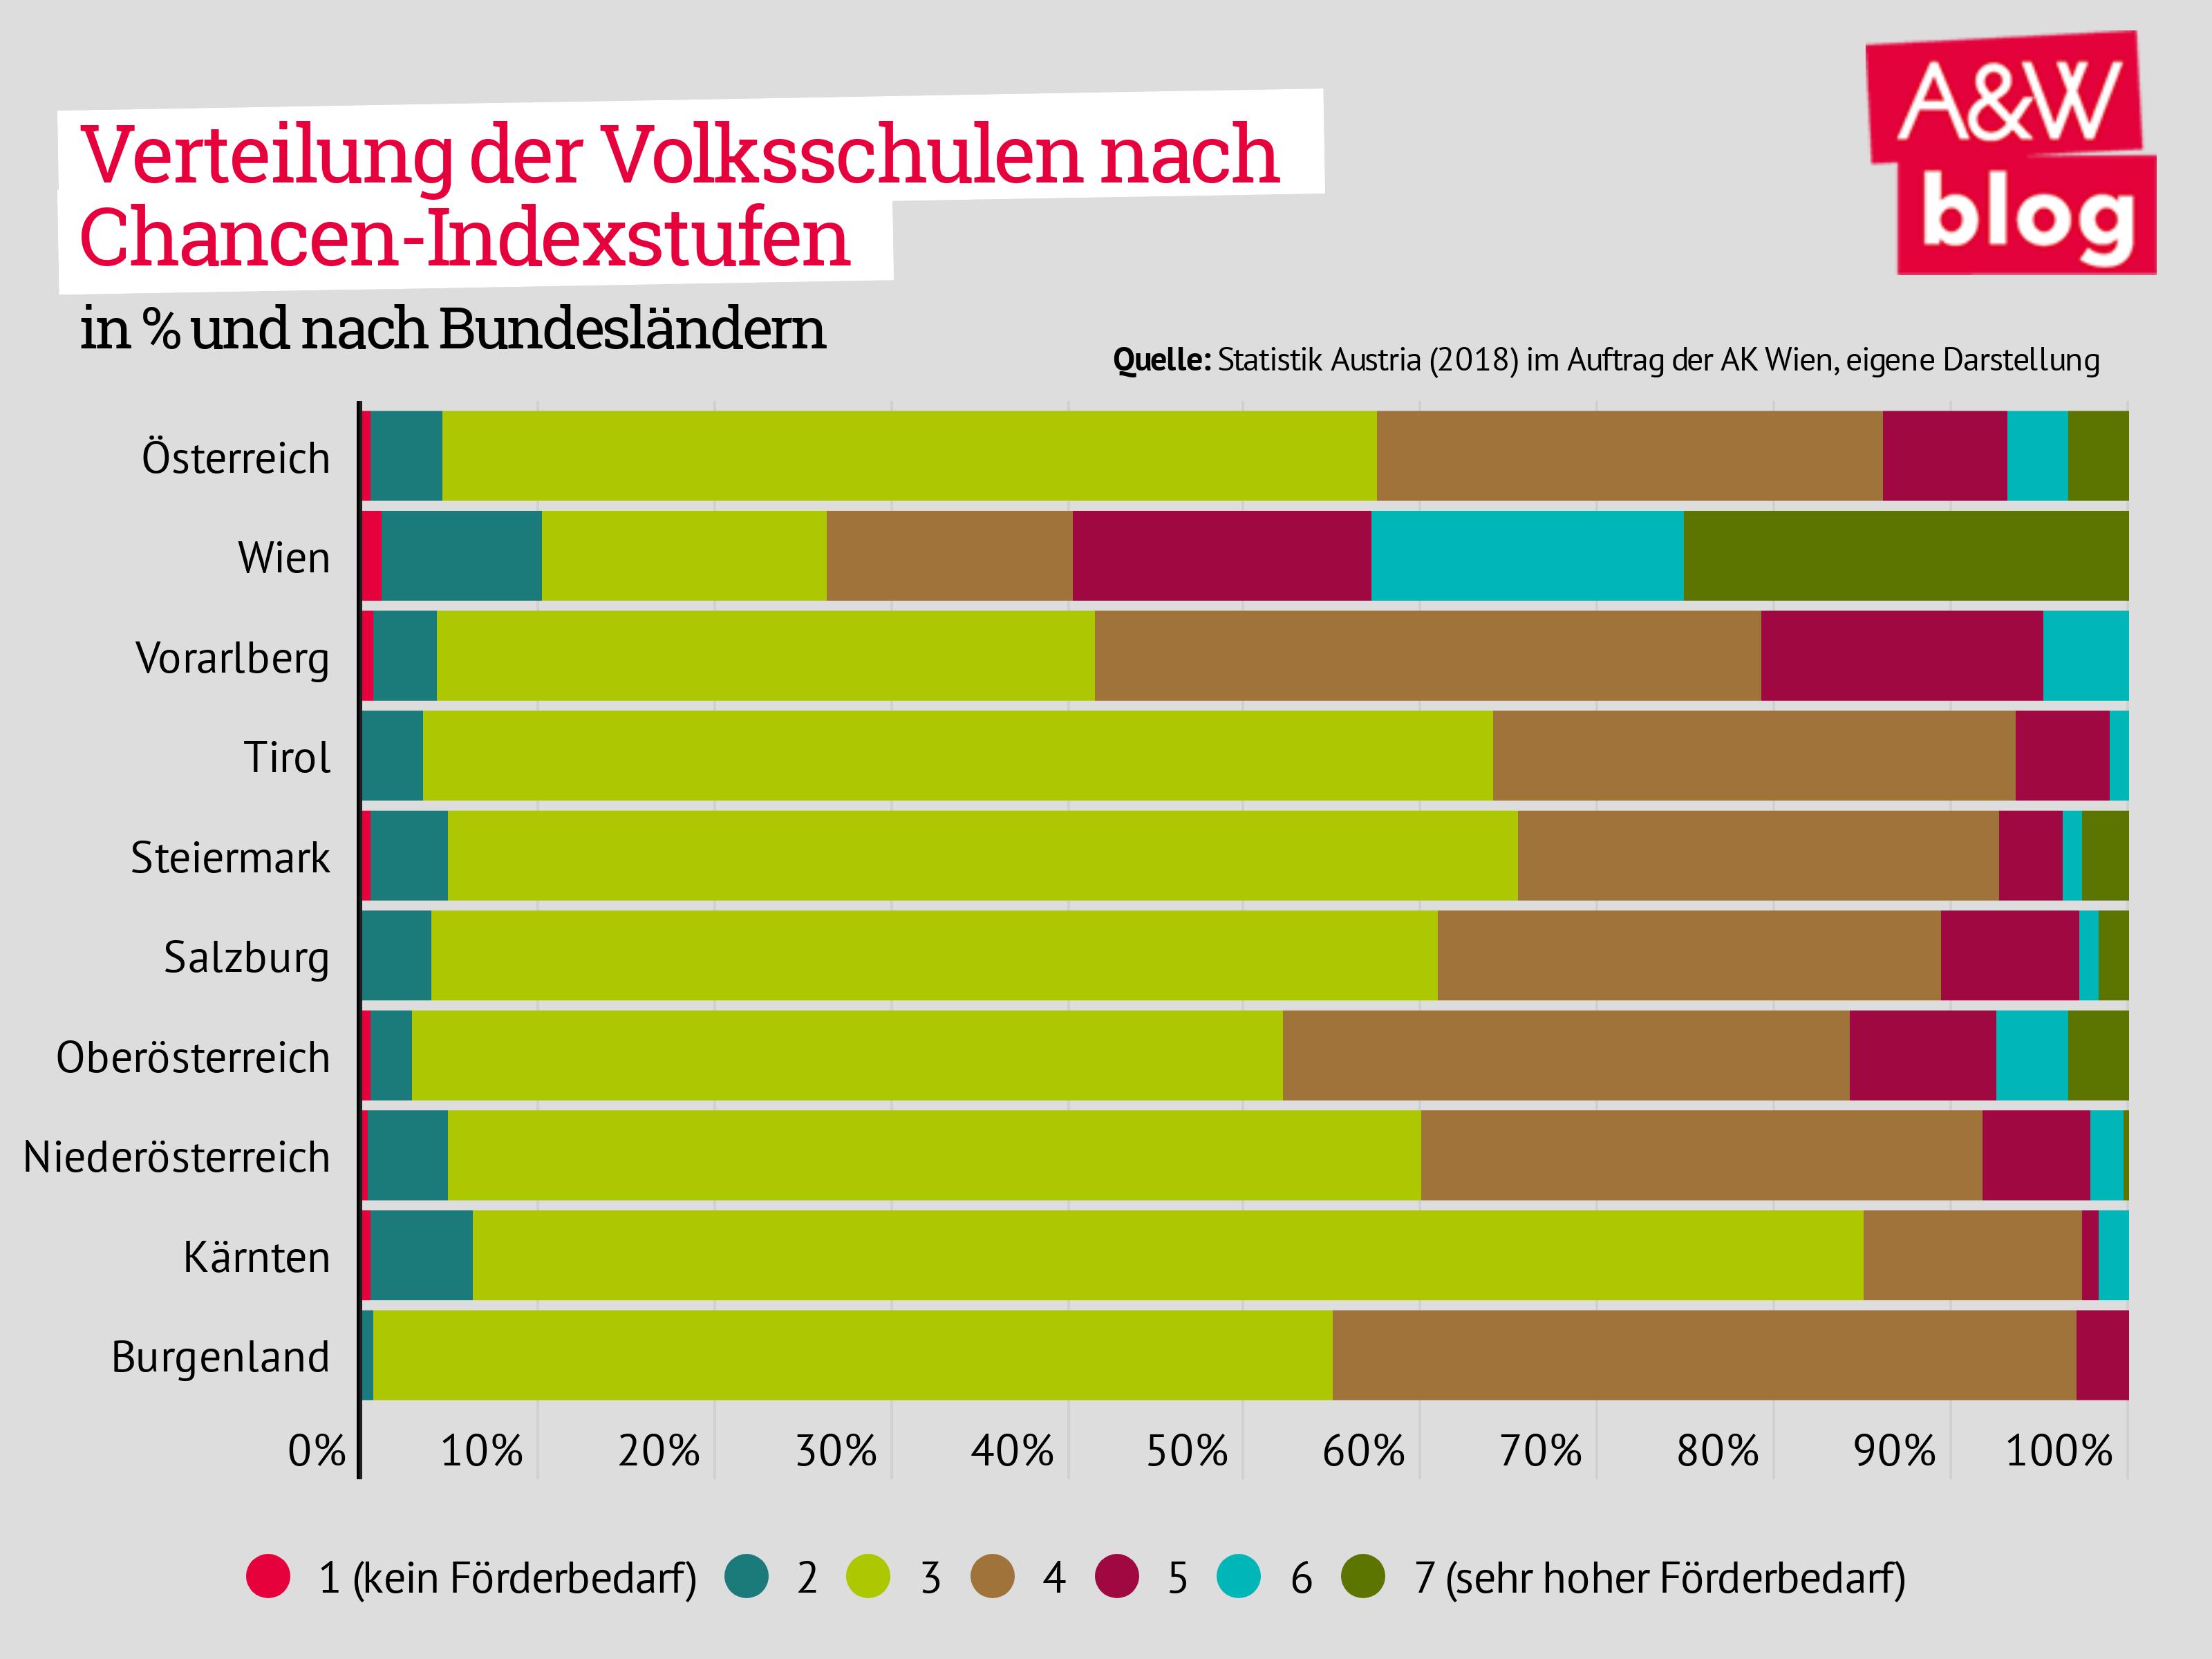 Verteilung der Volksschulen nach Chancen-Index-Stufen nach Bundesland